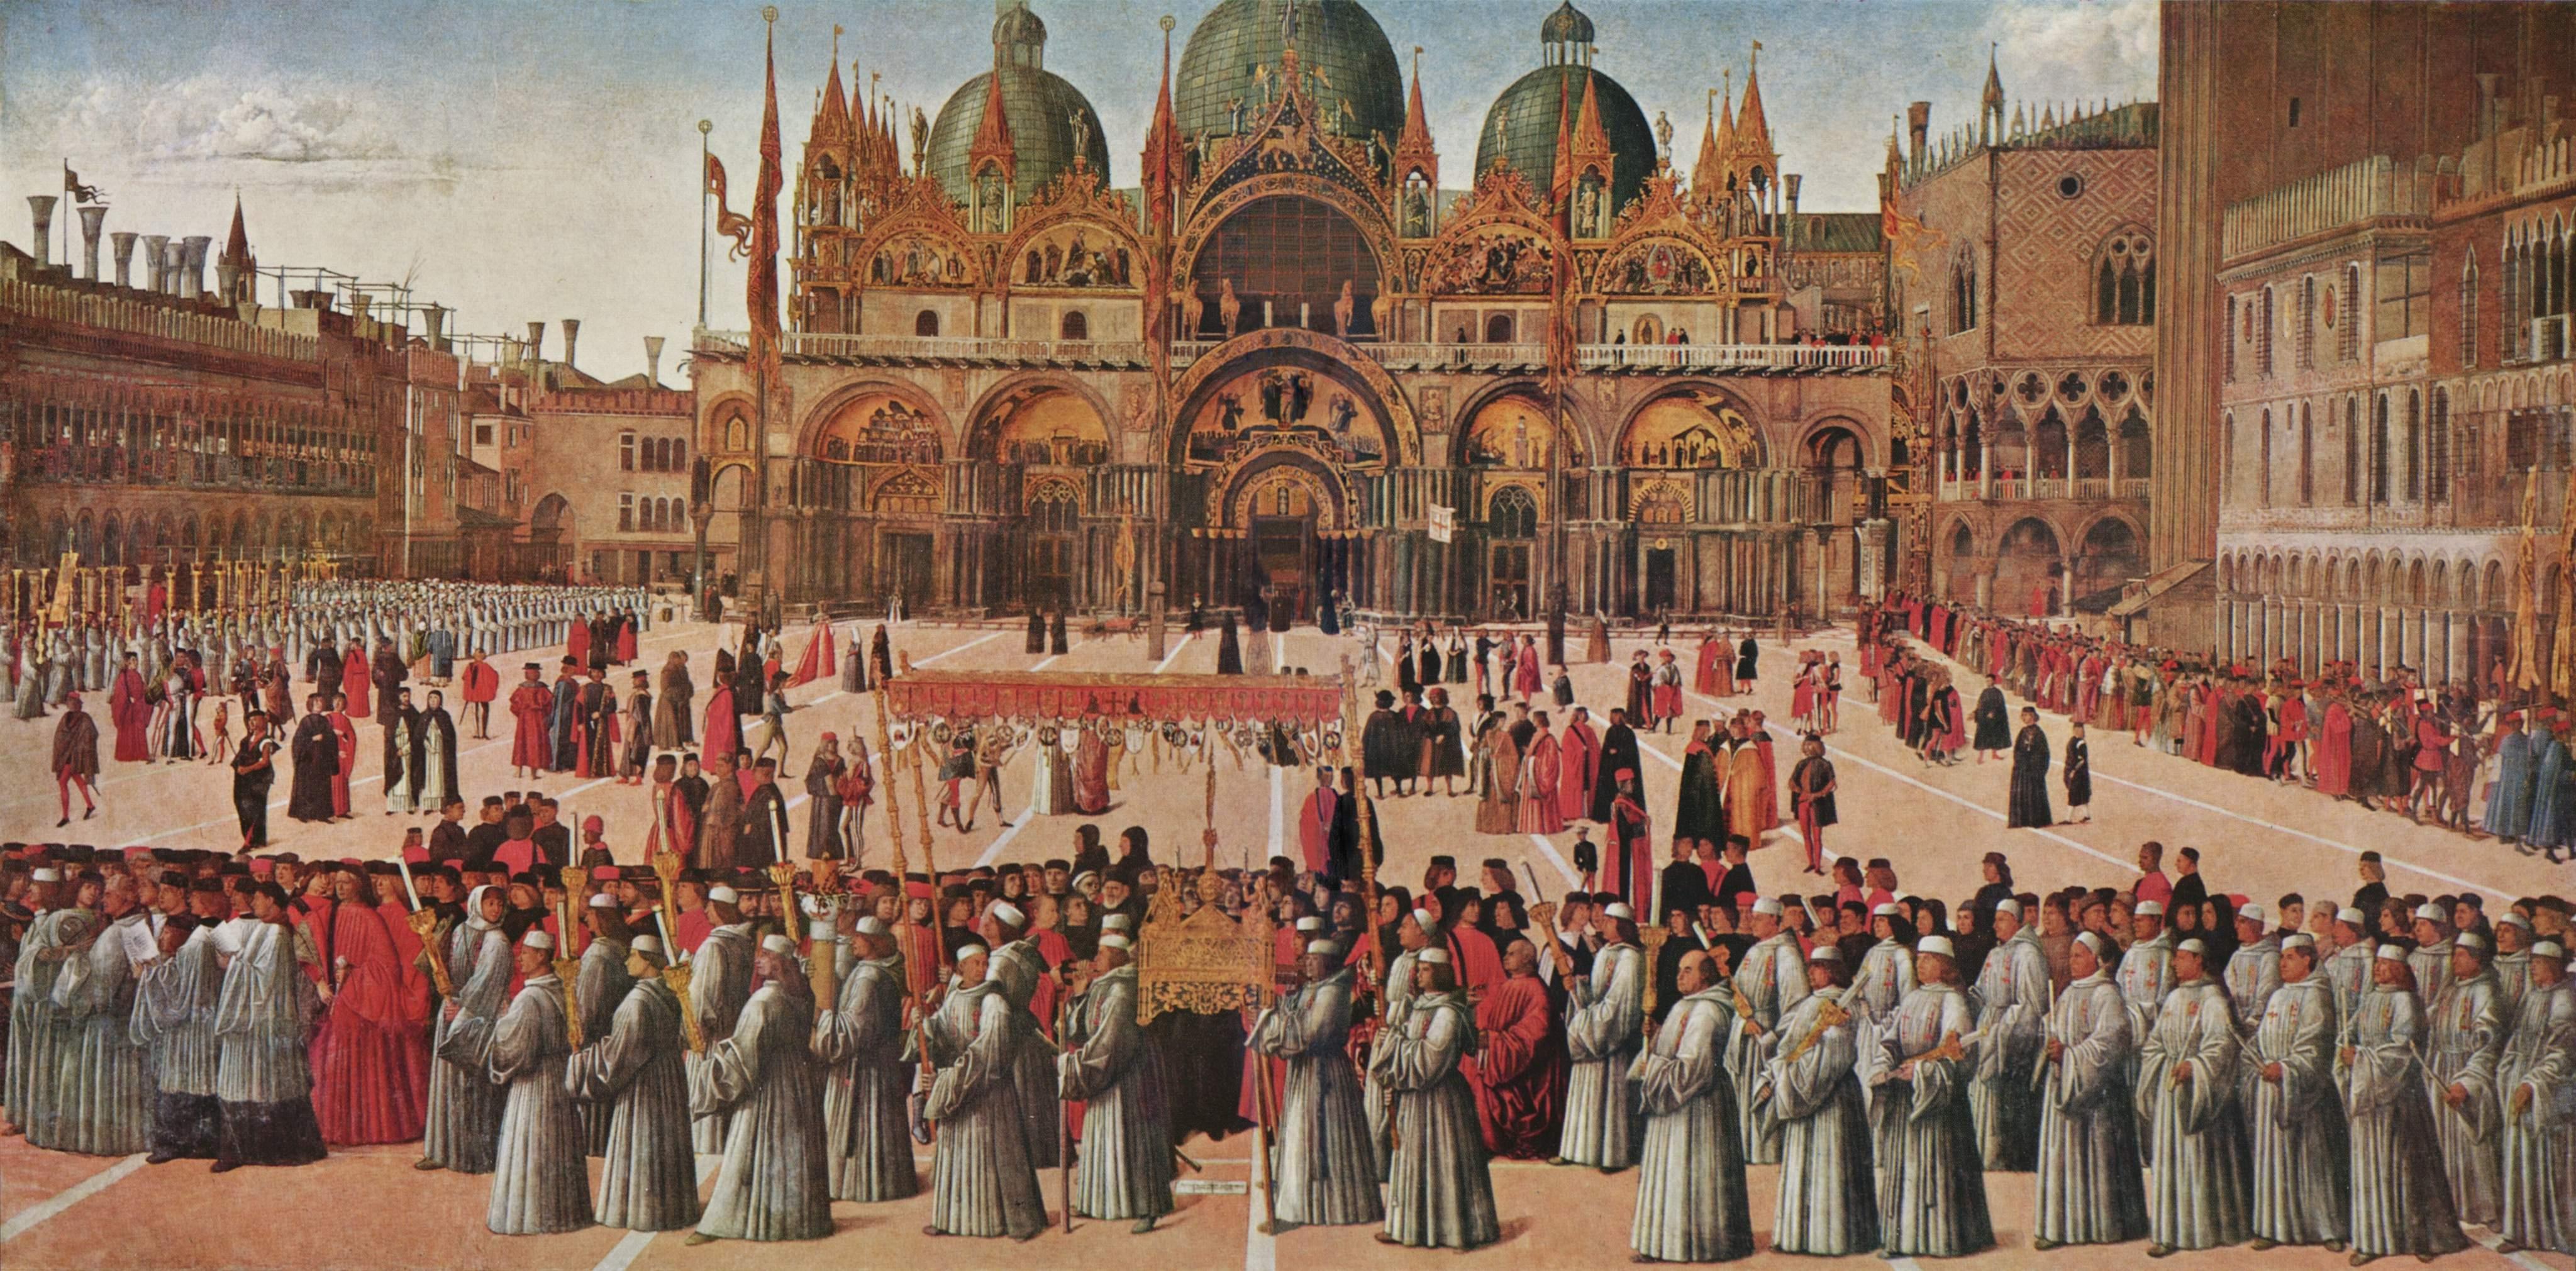 стиле католические церкви в картинах художников ней уже были